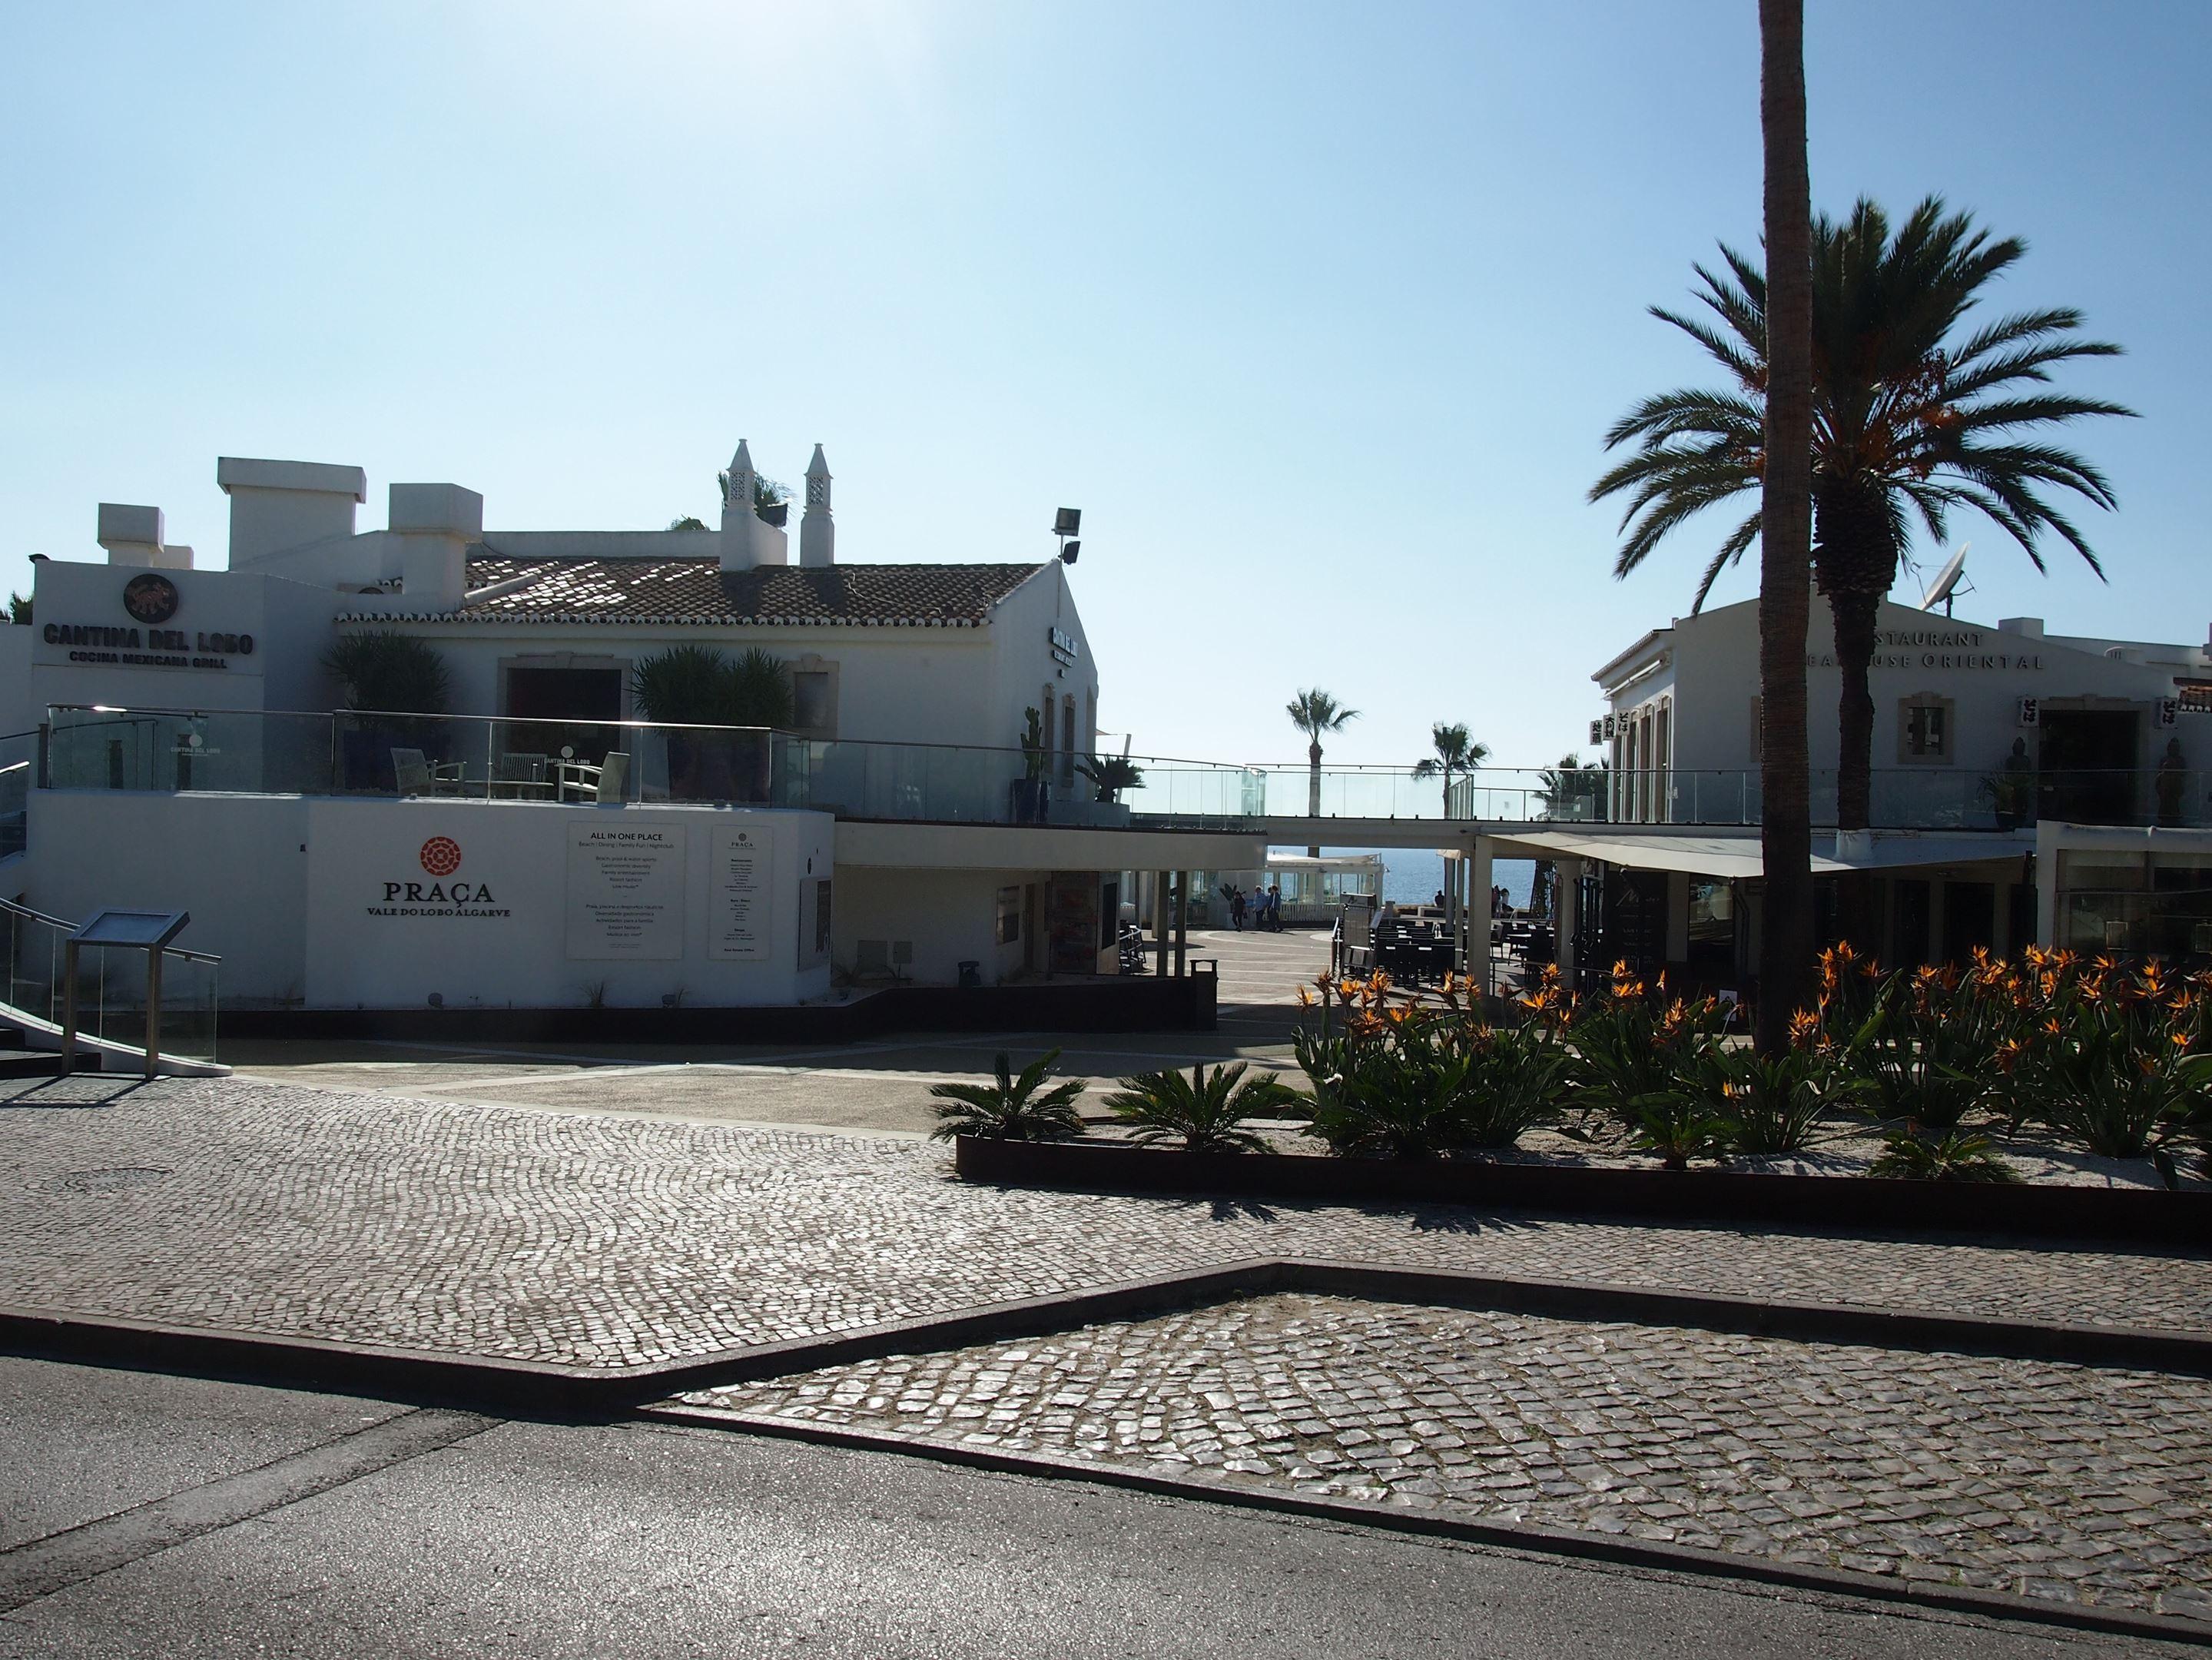 The entrance to the praça at Vale do Lobo, Algarve